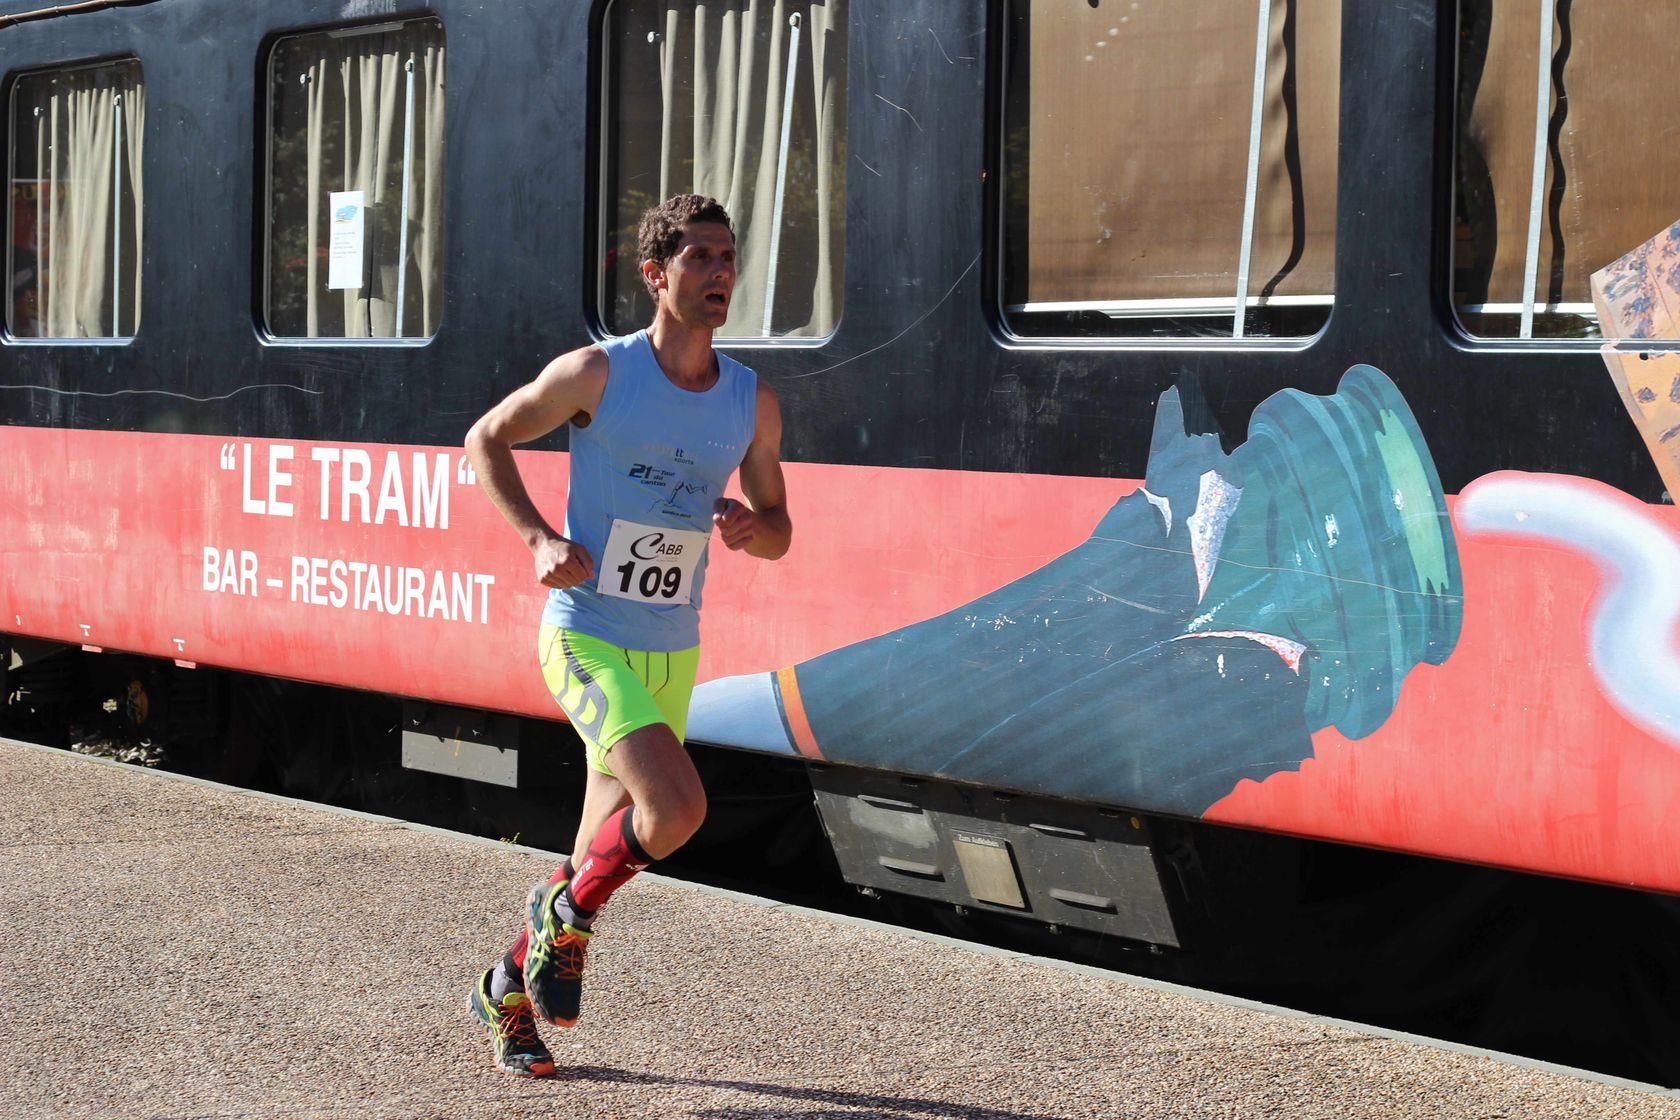 5 eme Tram - RESULTATS, COMPTES RENDUS ET PHOTOS DE LA VOIE DU TRAM A BELLEGARDE / 04-10-15